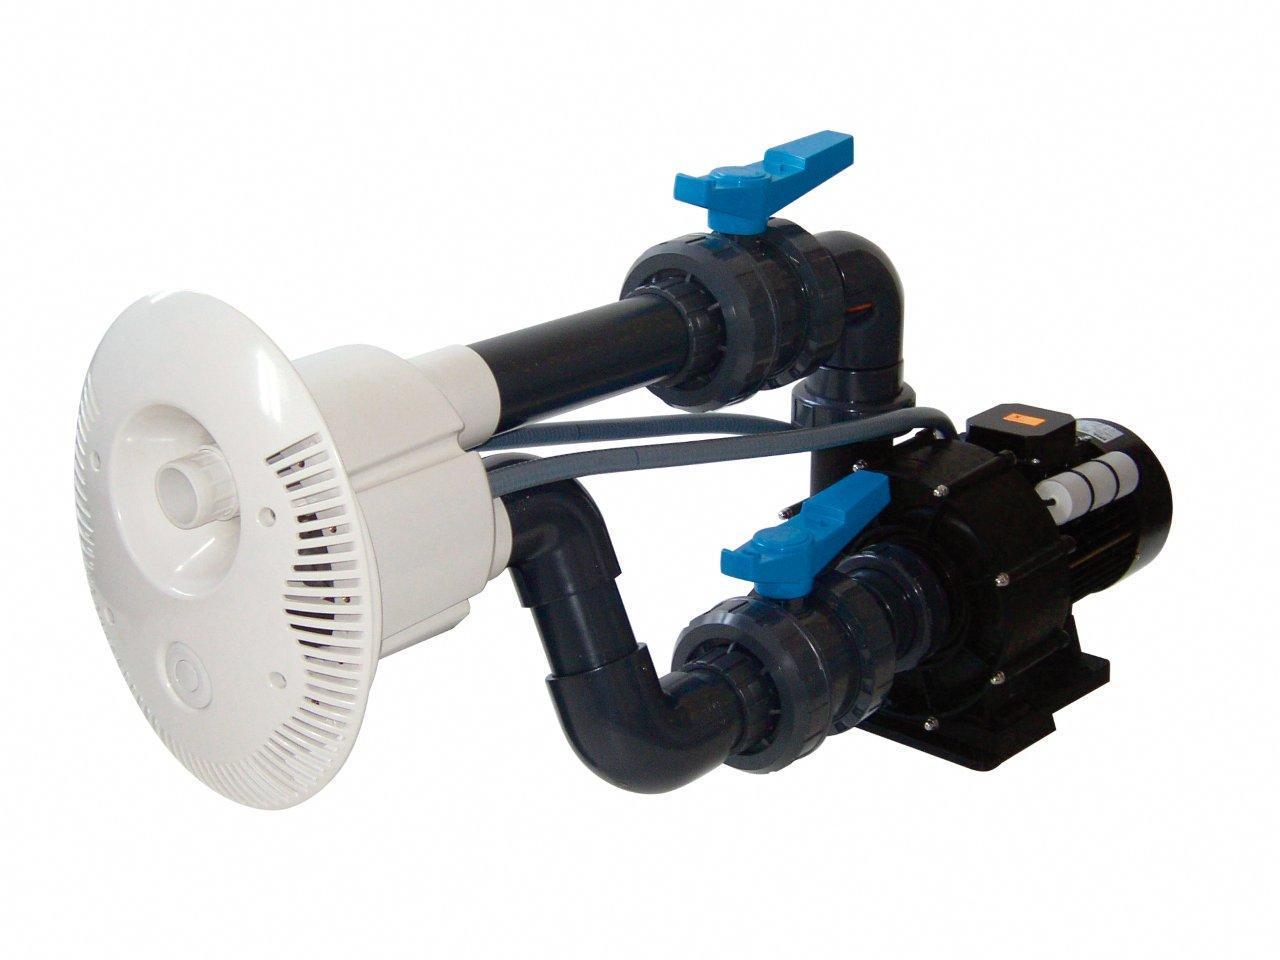 Protiproud V-JET 66 m3/h, 230 V, 2,2 kW, pro fóliové a předvyrobené baz., potrub